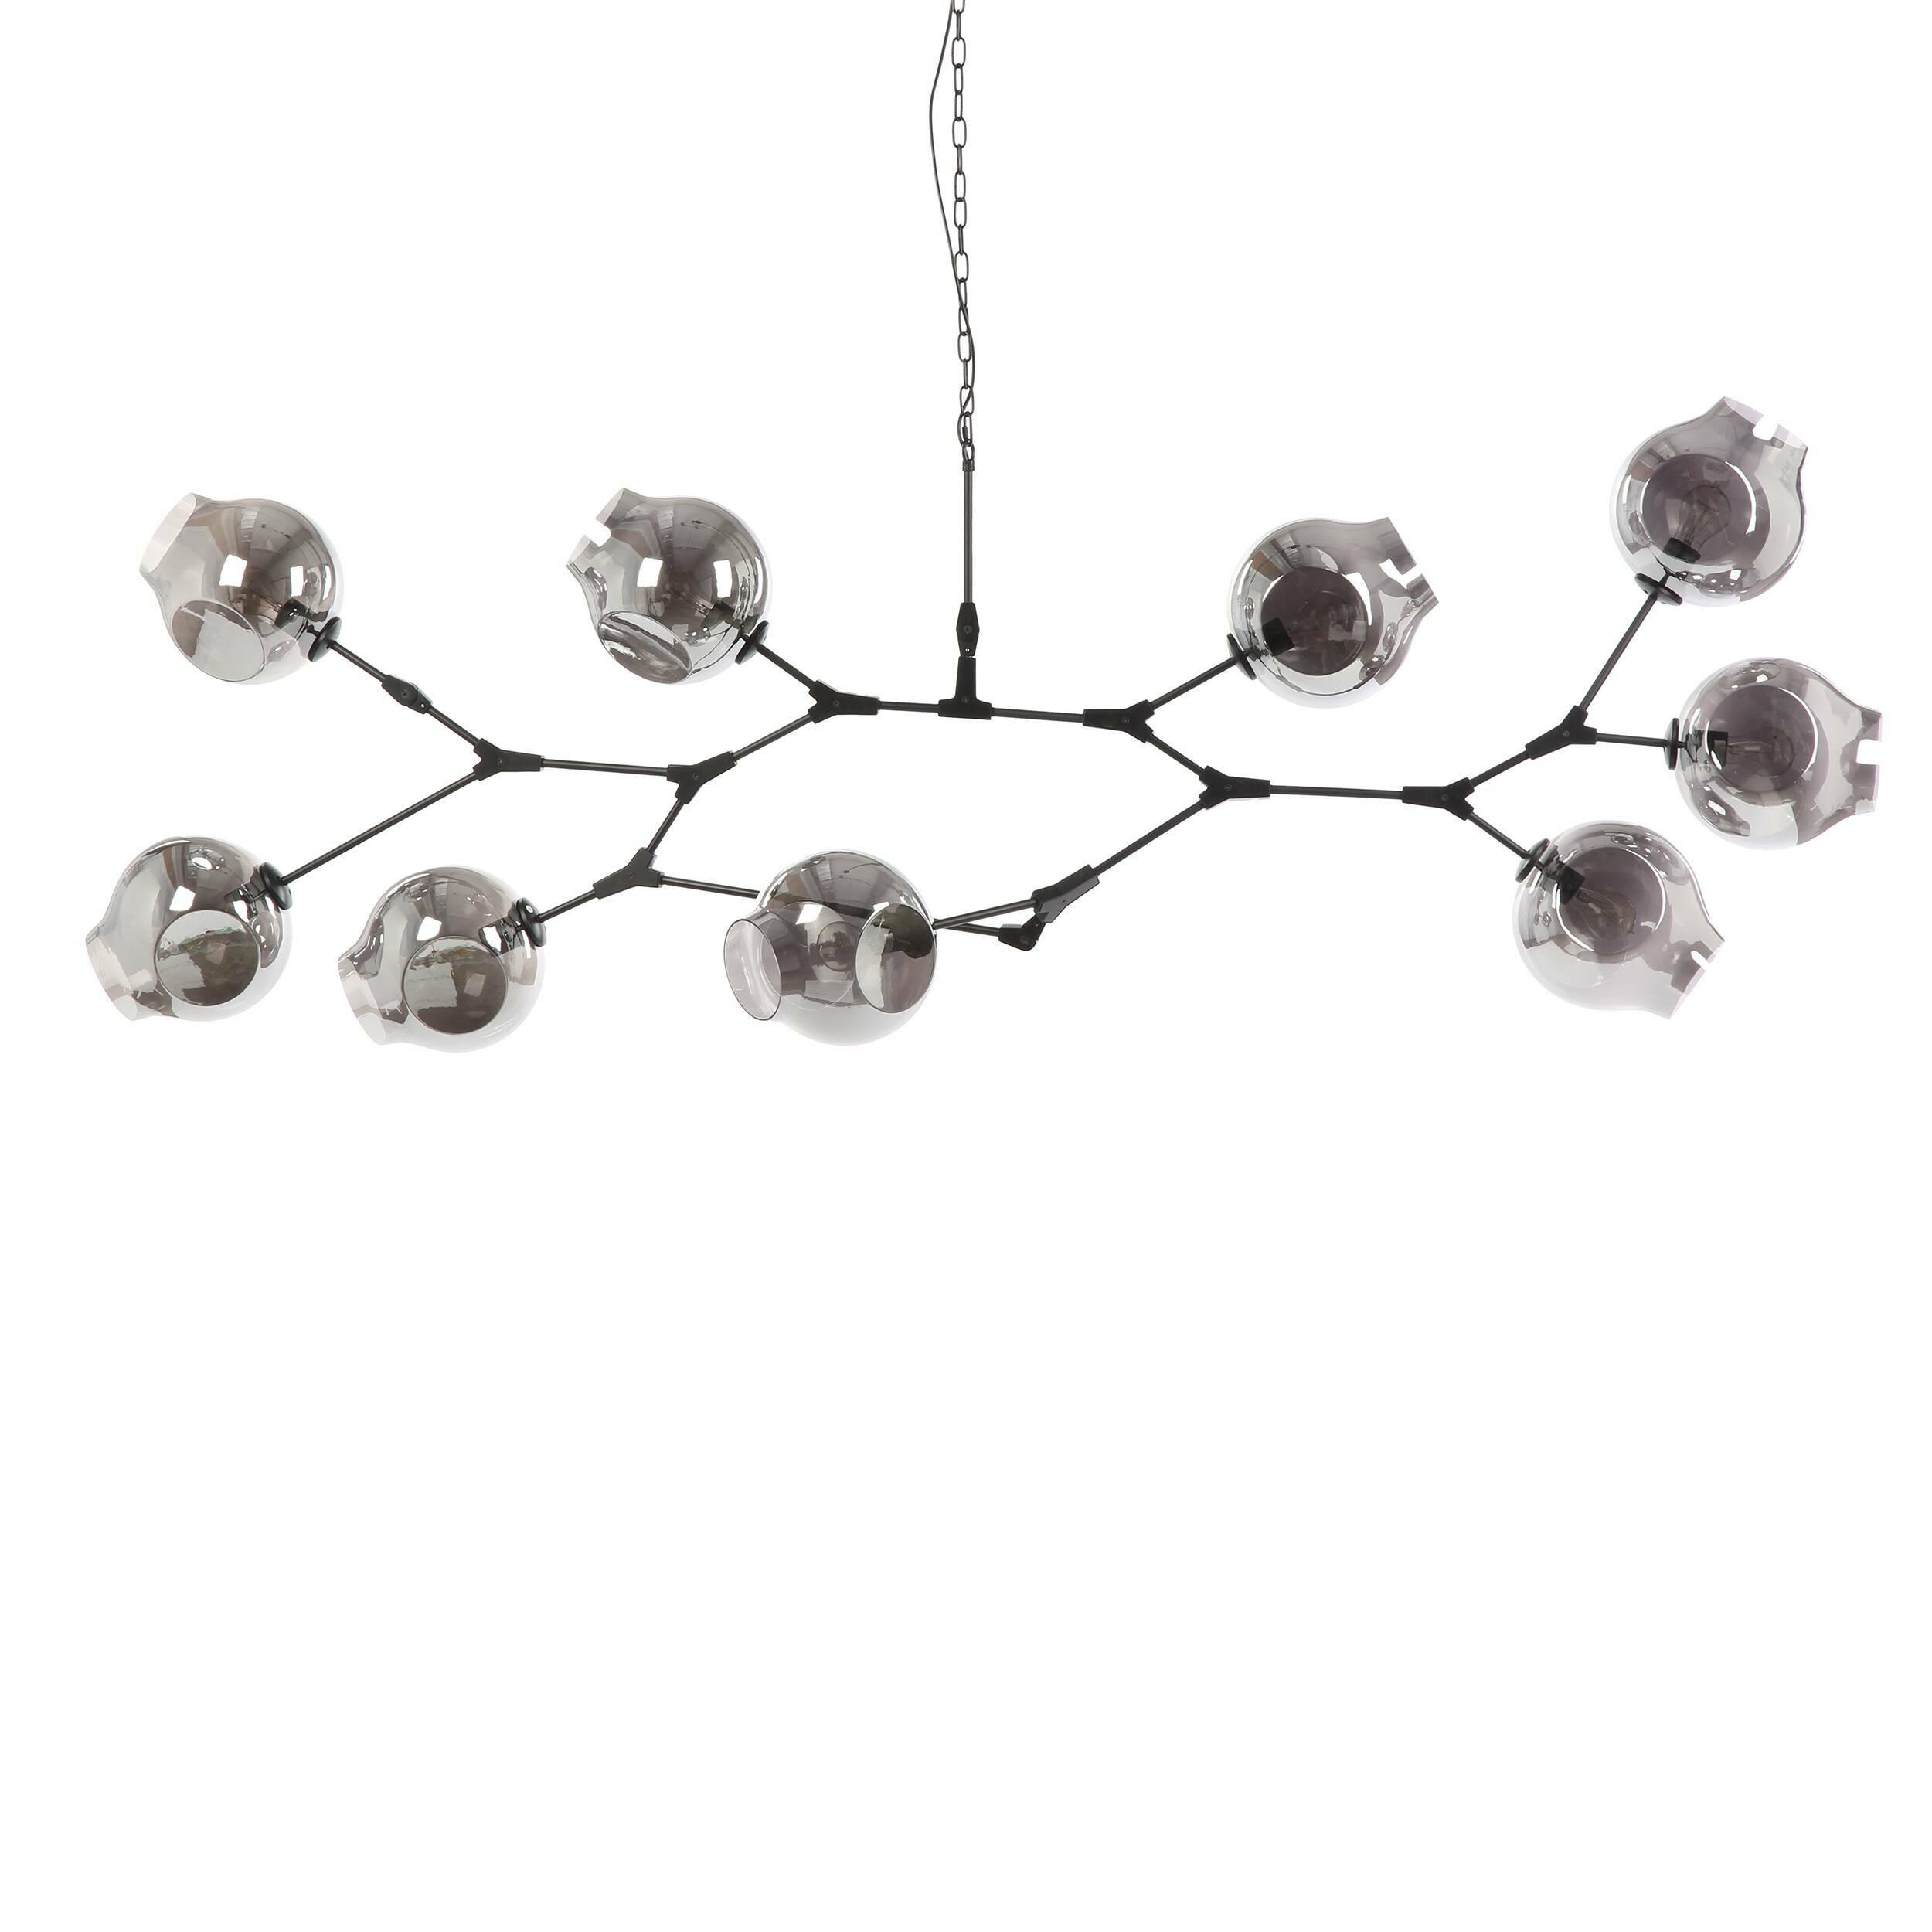 Подвесной светильник Branching Bubbles Summer 9 лампПодвесные<br>Линдси Адельман, известный западный дизайнер, чьи работы обладают особенным шармом и творческим почерком, создает необычайно стильные и красивые источники освещения, которые сочетают в себе оригинальный внешний вид, особую надежность и прочность благодаря используемым материалам и их сочетаниям. Подвесной светильник Branching Bubbles Summer 9 ламп представляет собой затейливую конструкцию, напоминающую длинную ветвь с волшебными пузырями.<br><br><br><br><br> Плафоны светильника изготовлены из каче...<br><br>stock: 0<br>Высота: 95<br>Ширина: 80<br>Диаметр: 23<br>Длина: 223<br>Количество ламп: 9<br>Материал абажура: Стекло<br>Материал арматуры: Сталь<br>Мощность лампы: 40<br>Ламп в комплекте: Нет<br>Напряжение: 220<br>Тип лампы/цоколь: E27<br>Цвет абажура: Дымчато-серый<br>Цвет арматуры: Черный